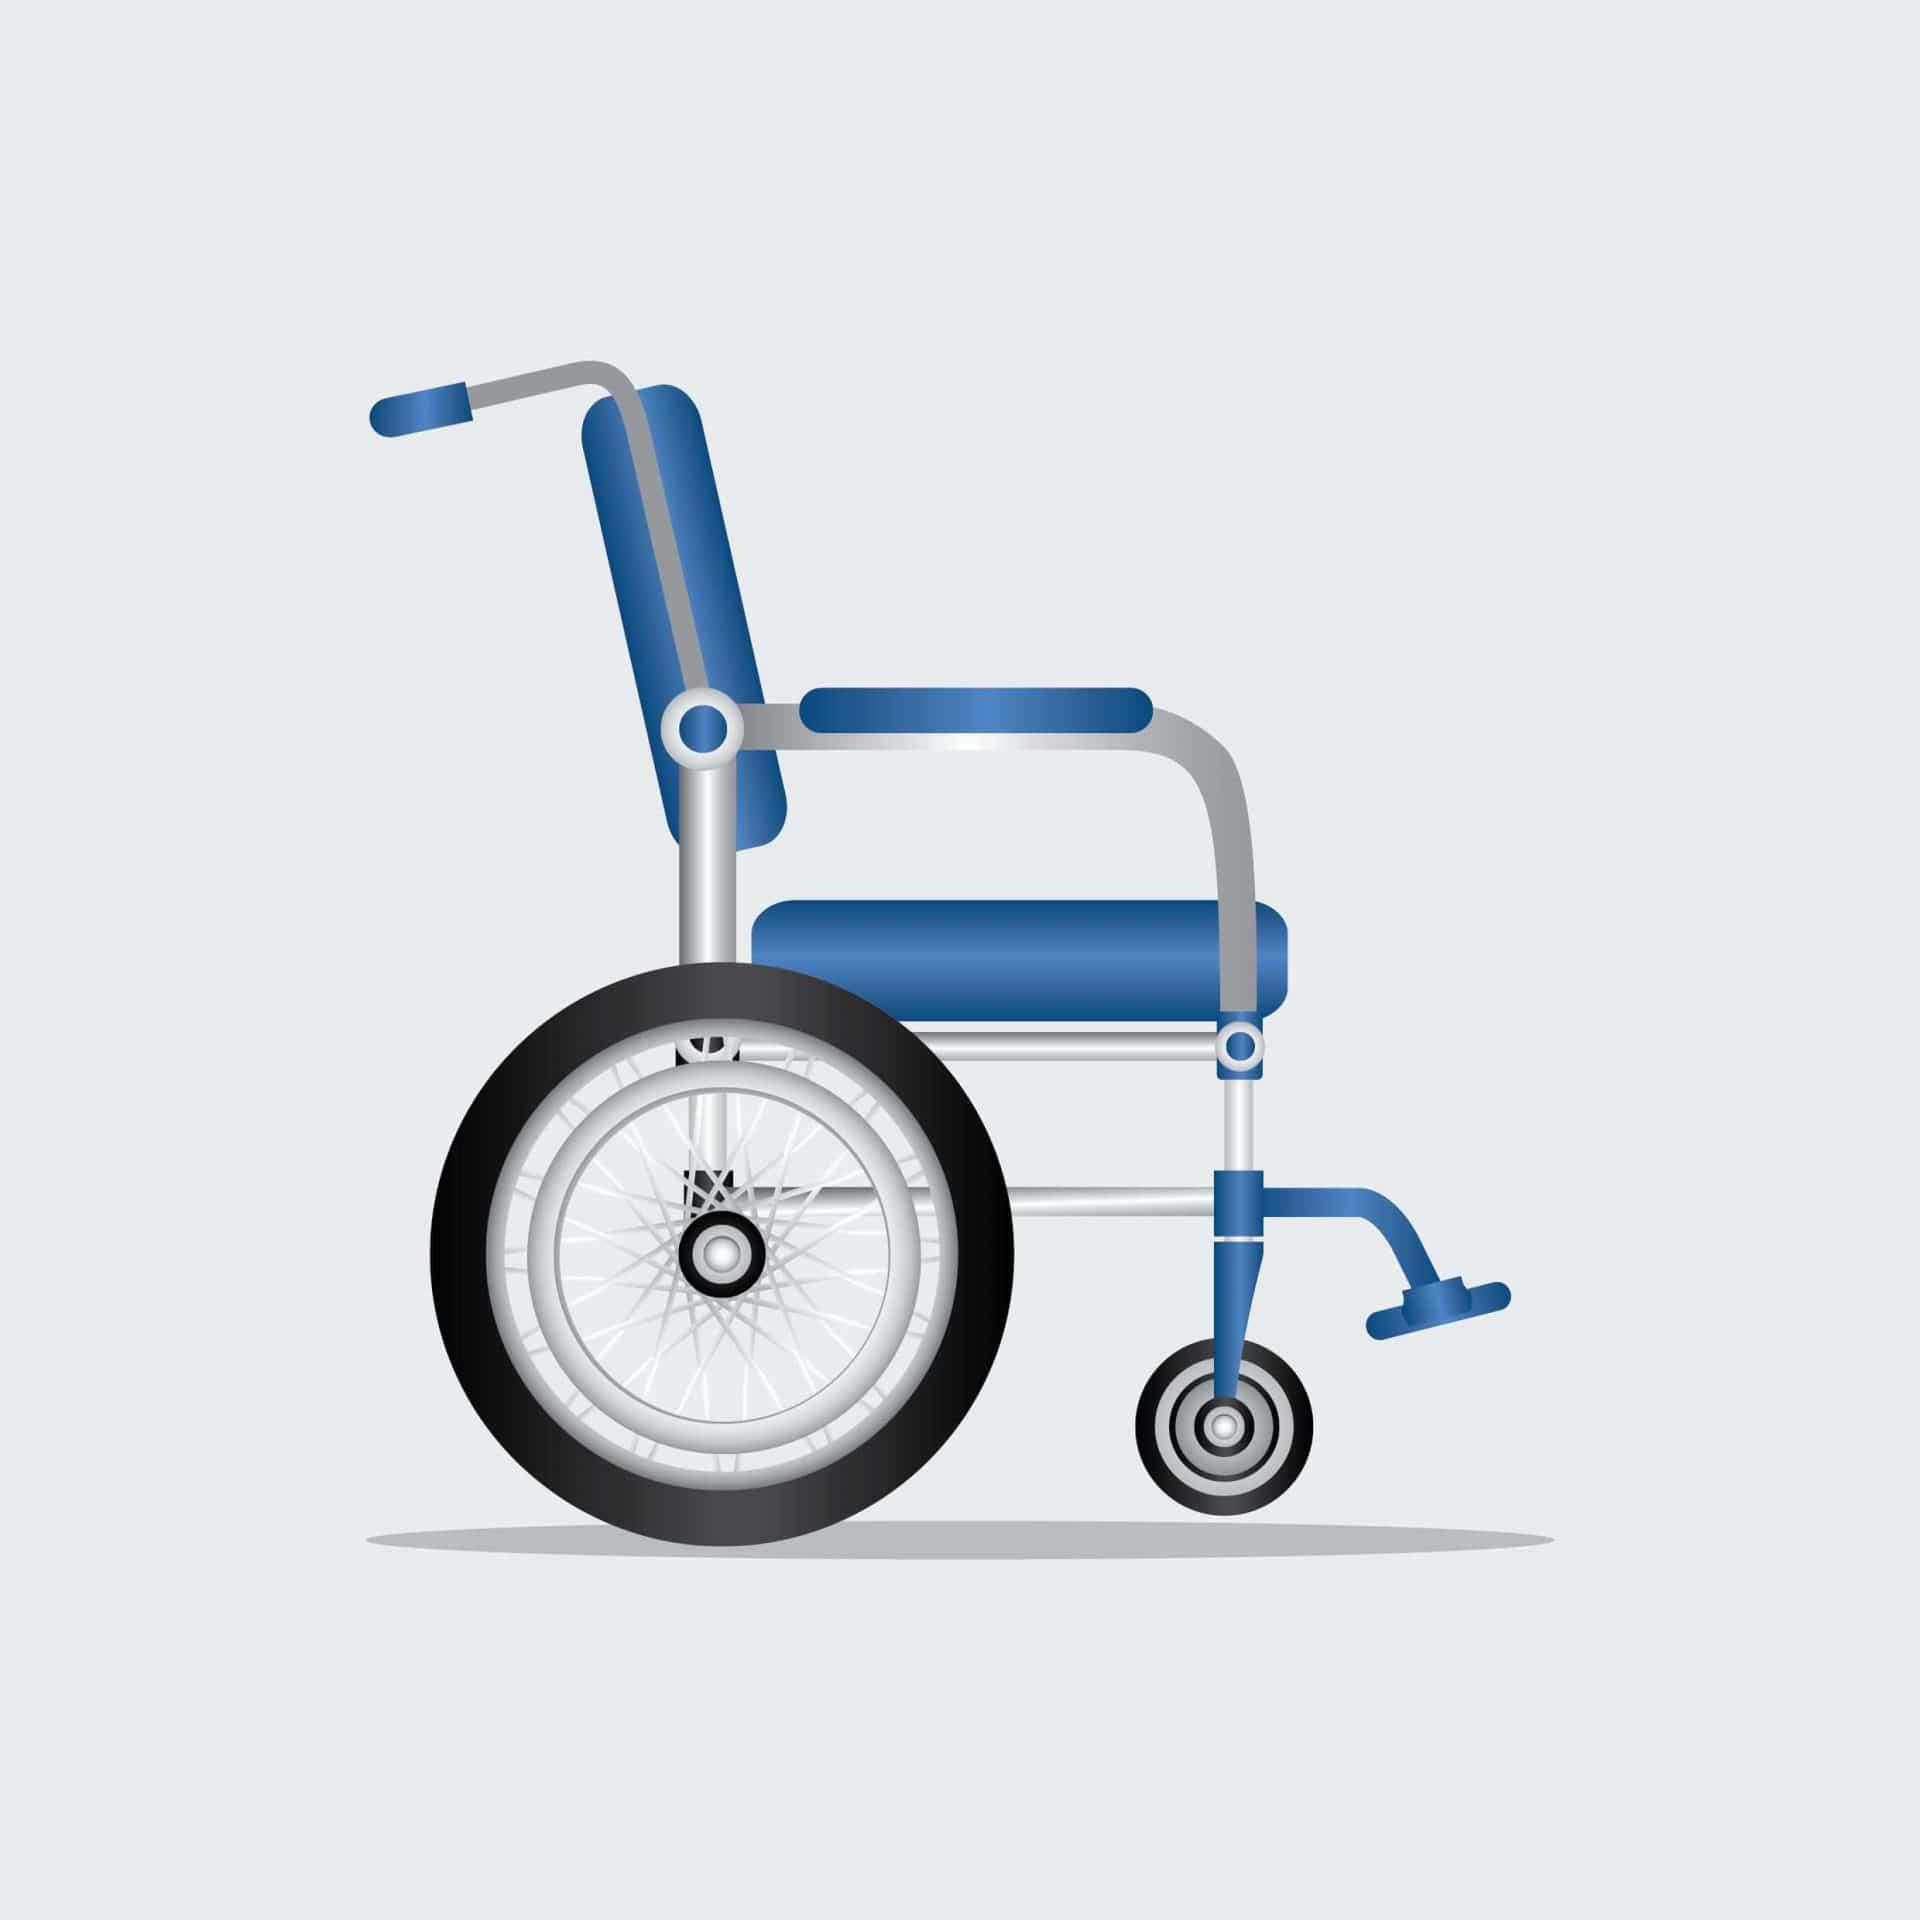 כסאות גלגלים ממונעים – כל היתרונות והחסרונות